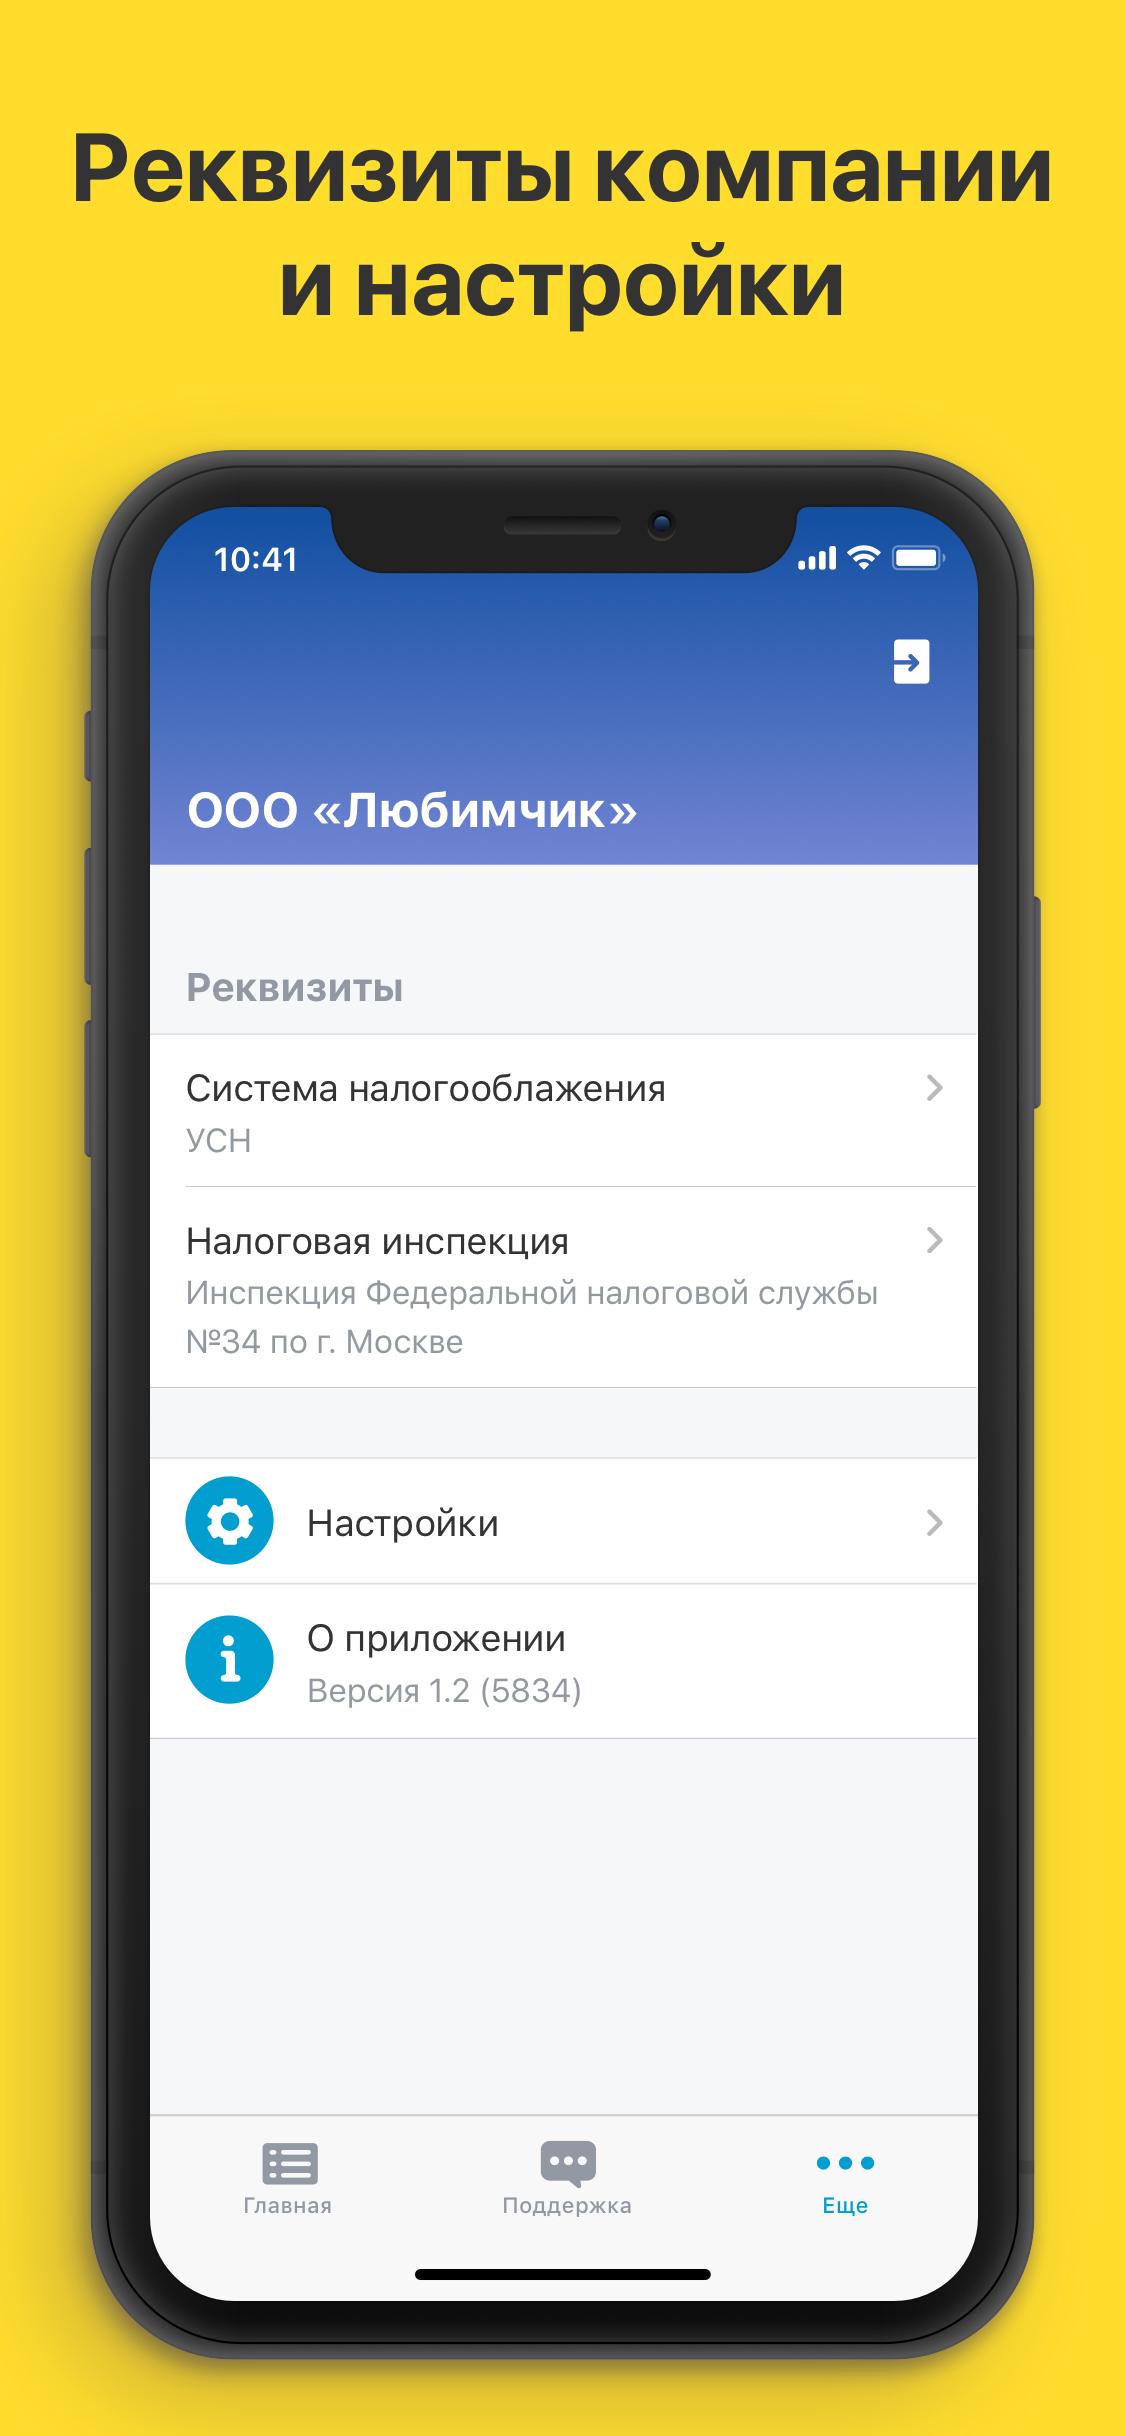 Онлайн бухгалтерия для мобильного регистрация ооо зеленоград с юр адресом